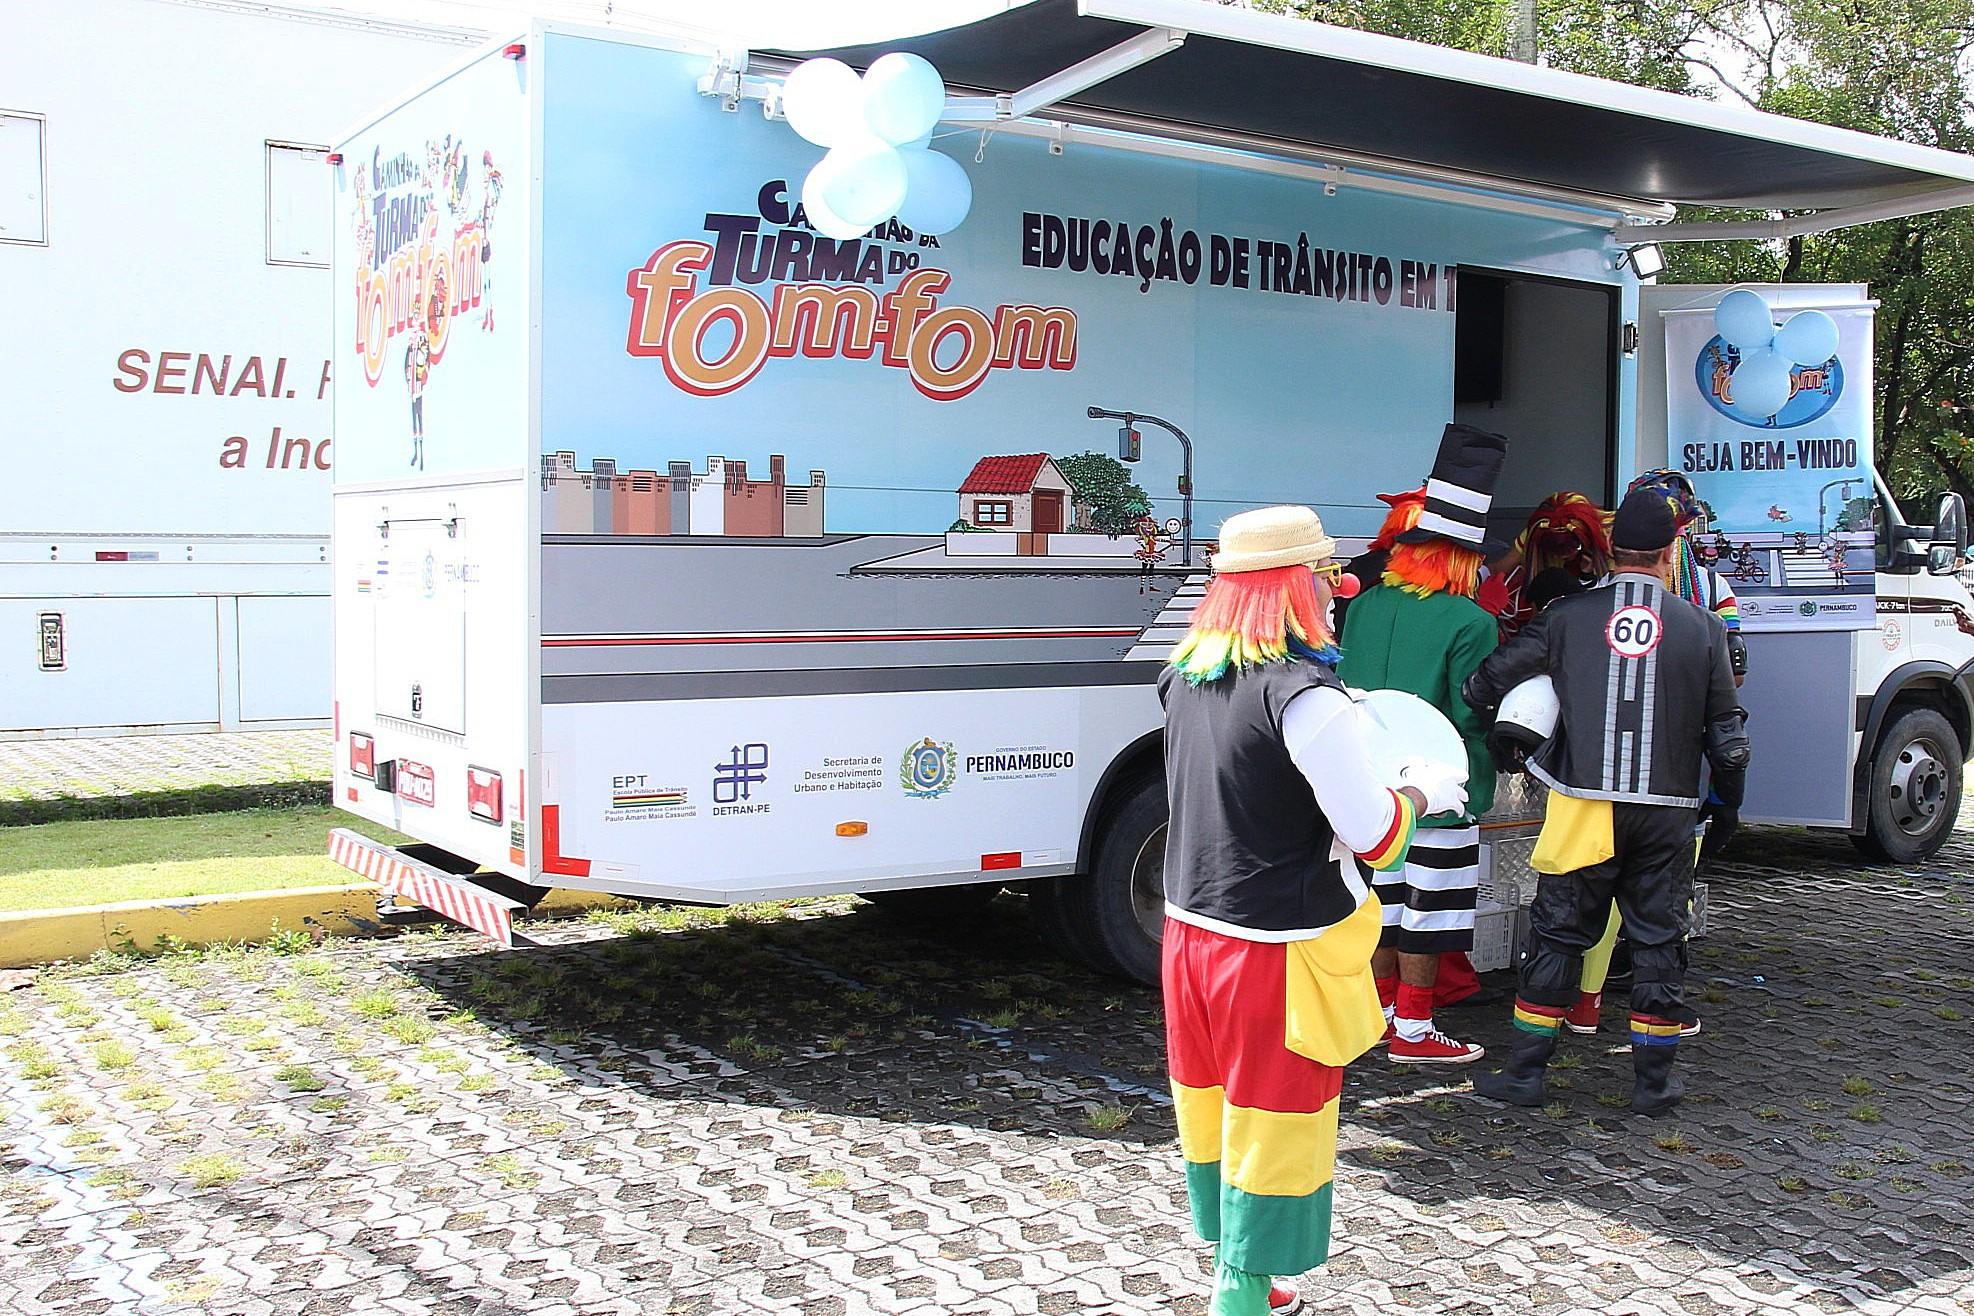 Caminhão foi apresentado na abertura da Semana do Trânsito. Foto: Dentran-PE/Divulgação